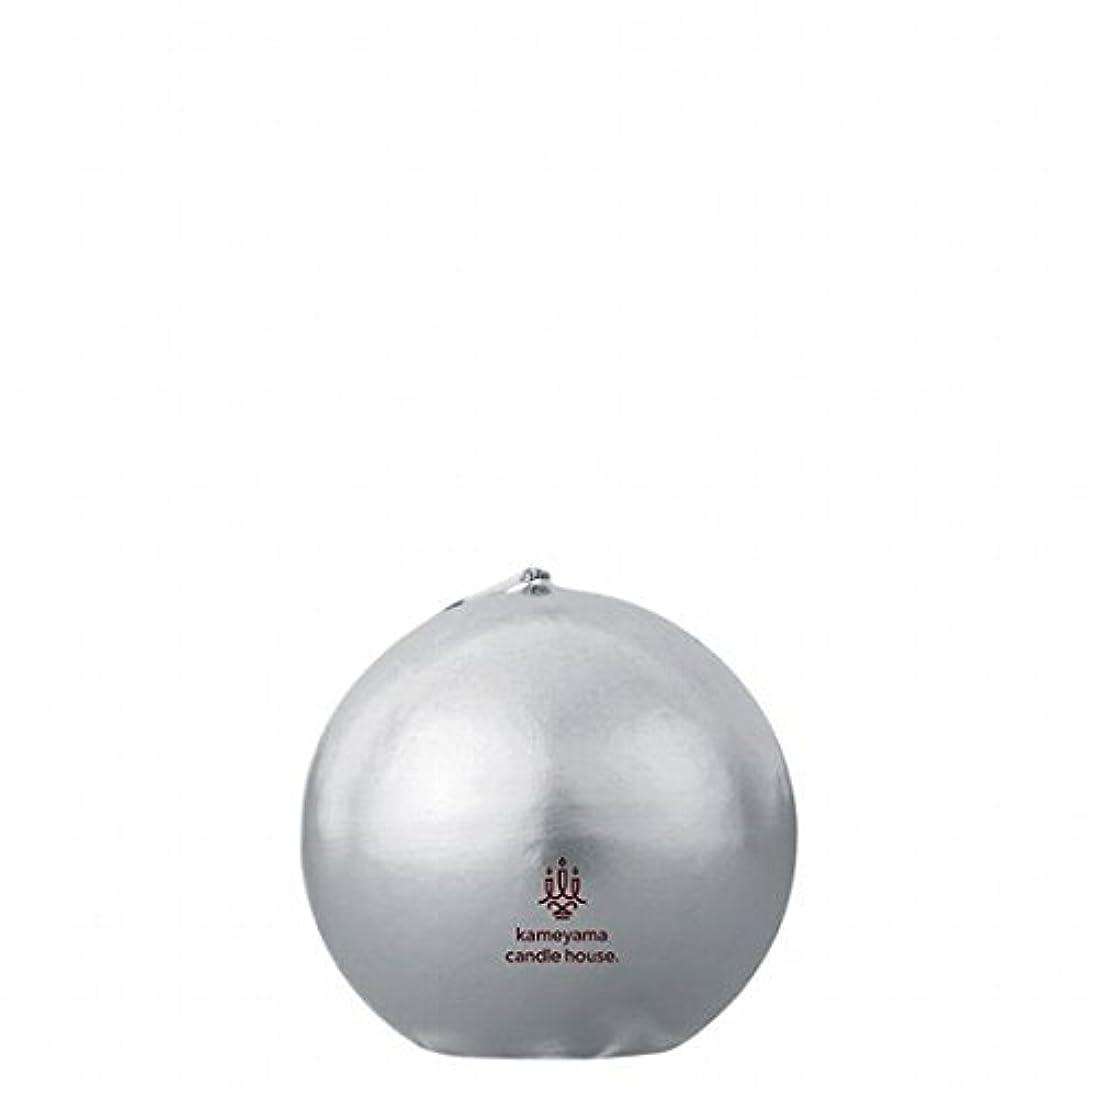 チーム振動するインシュレータカメヤマキャンドル(kameyama candle) メタリックボール60 「 シルバー 」